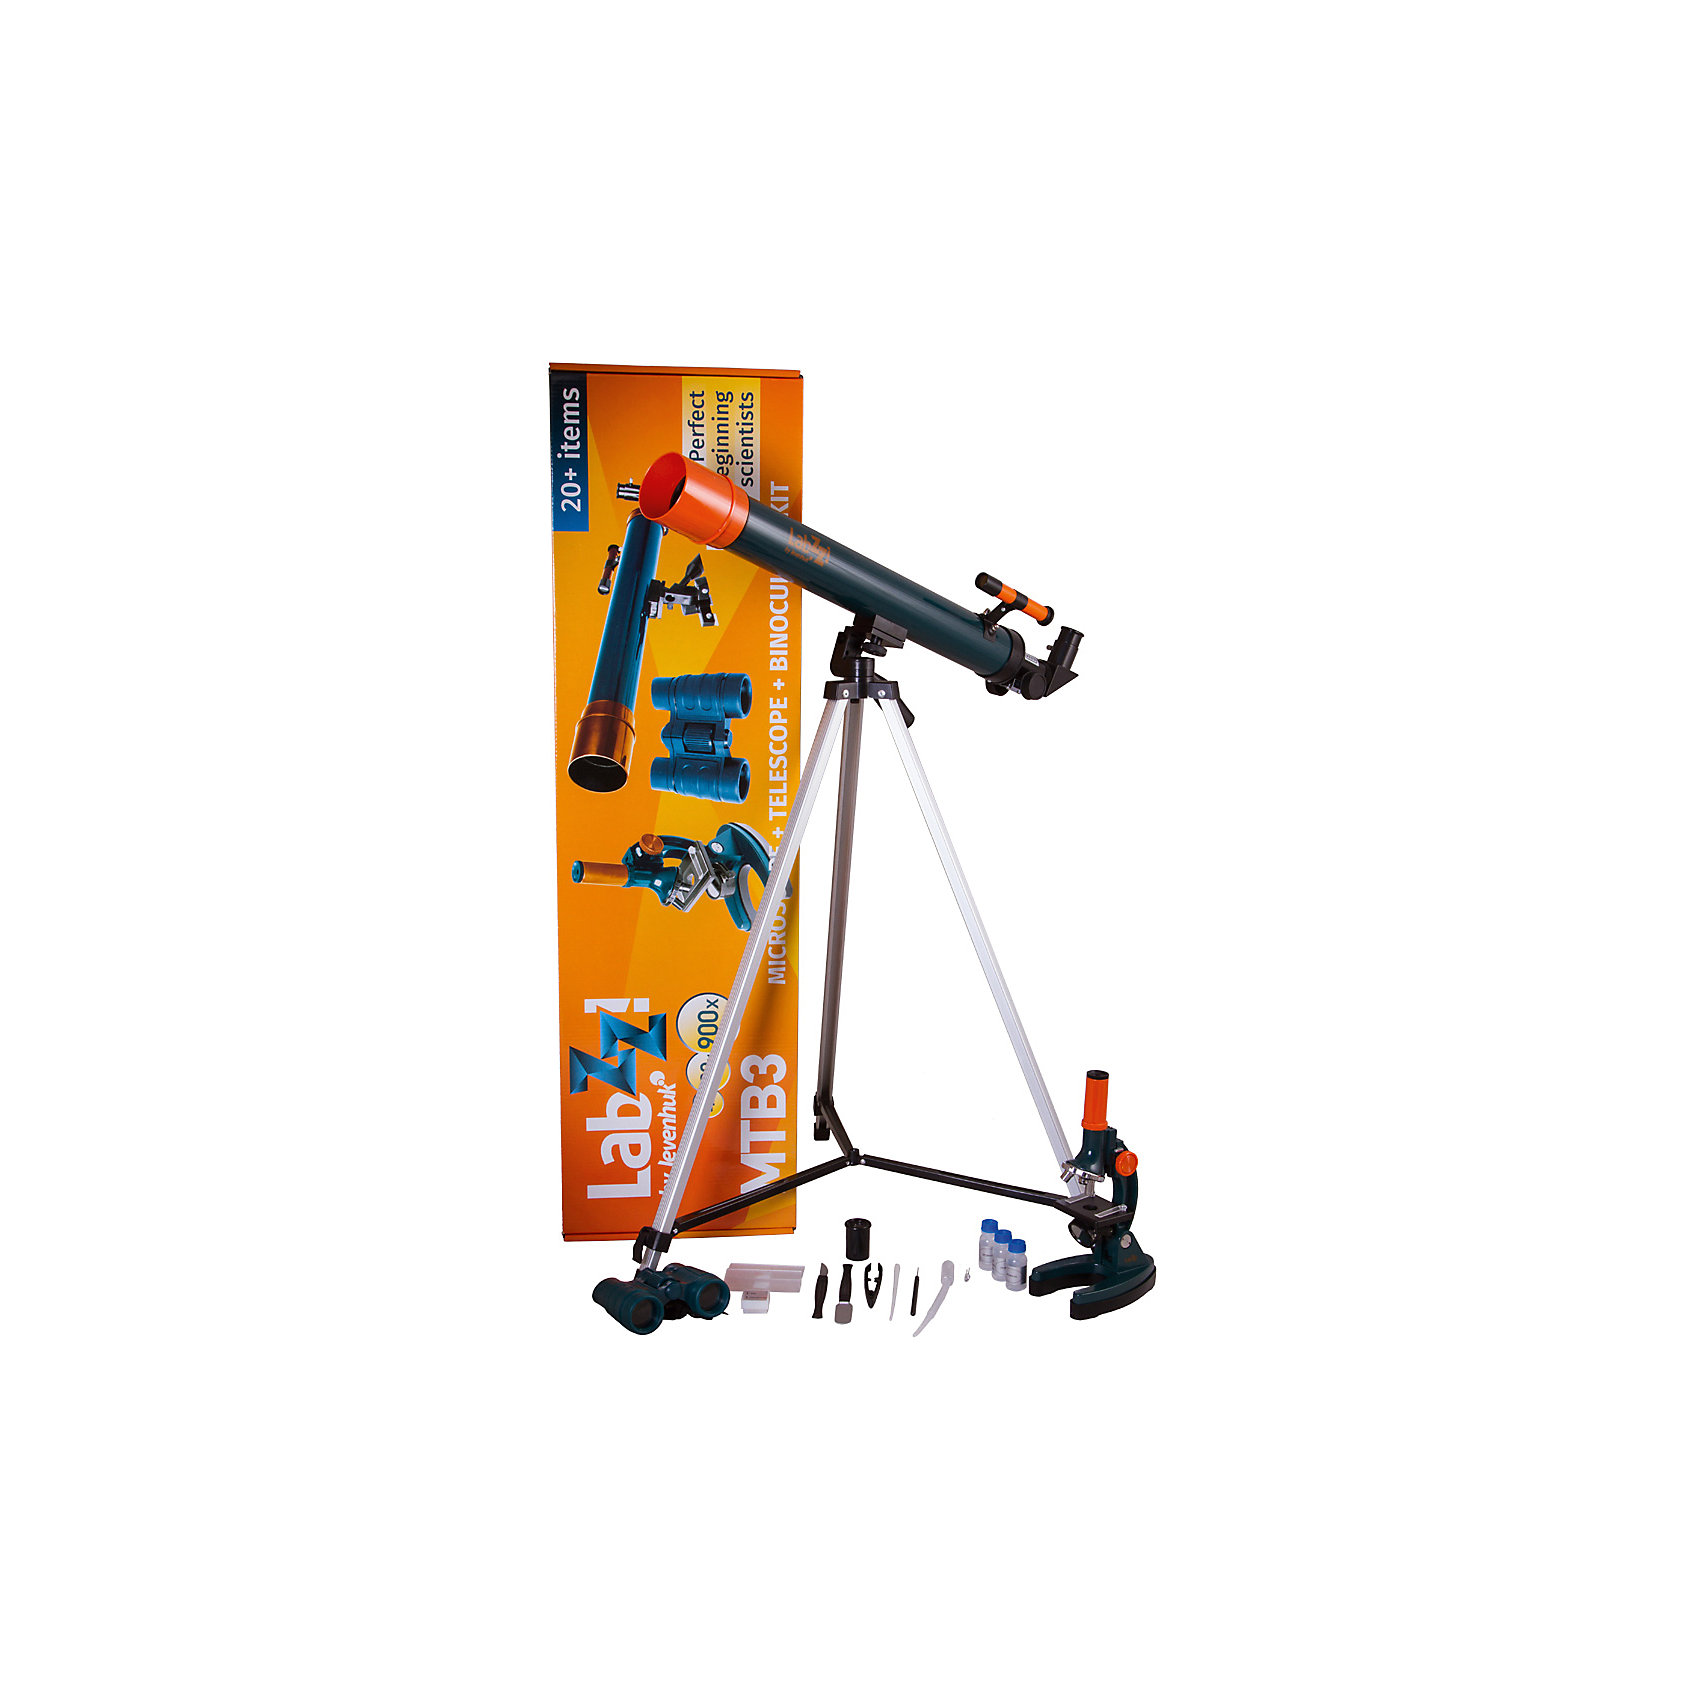 Набор Levenhuk LabZZ MTВ3: микроскоп, телескоп и бинокльДетские телескопы<br>Характеристики товара:<br><br>• материал: металл, пластик<br>• увеличение микроскопа: до 900 крат<br>• подсветка микроскопа: зеркало<br>• объективы: 15х, 45х, 90х<br>• комплектация: микроскоп, телескоп, бинокль<br>• тип телескопа: рефрактор<br>• фокусное расстояние: 600<br>• световой диаметр (Апертура): 50 мм<br>• окуляры: 5 мм, 10 мм<br>• искатель: оптический, 2х<br>• тренога алюминиевая 650–1150 мм<br>• увеличение бинокля: до 6 крат<br>• тип призмы: roof<br>• центральная фокусировка<br>• страна бренда: США<br>• страна производства: КНР<br><br>Собственный набор из микроскопа и телескопа - это отличный способ заинтересовать ребенка наукой и привить ему интерес к учебе. Эти модели были разработаны специально для детей - с их помощью дети могут исследовать состав и структуру разнообразных предметов, веществ и организмов, а также наблюдать за различными объектами. Благодаря стильному дизайну этот набор может стать украшением интерьера! Также в комплект входит бинокль.<br><br>Оптические приборы от американской компании Levenhuk уже успели зарекомендовать себя как качественная и надежная продукция. Для их производства используются только безопасные и проверенные материалы. Такой прибор способен прослужить долго. Подарите ребенку интересную и полезную вещь!<br><br>Набор Levenhuk LabZZ MTВ3: микроскоп, телескоп и бинокль от известного бренда Levenhuk (Левенгук) можно купить в нашем интернет-магазине.<br><br>Ширина мм: 880<br>Глубина мм: 240<br>Высота мм: 100<br>Вес г: 1974<br>Возраст от месяцев: 60<br>Возраст до месяцев: 2147483647<br>Пол: Унисекс<br>Возраст: Детский<br>SKU: 5435293